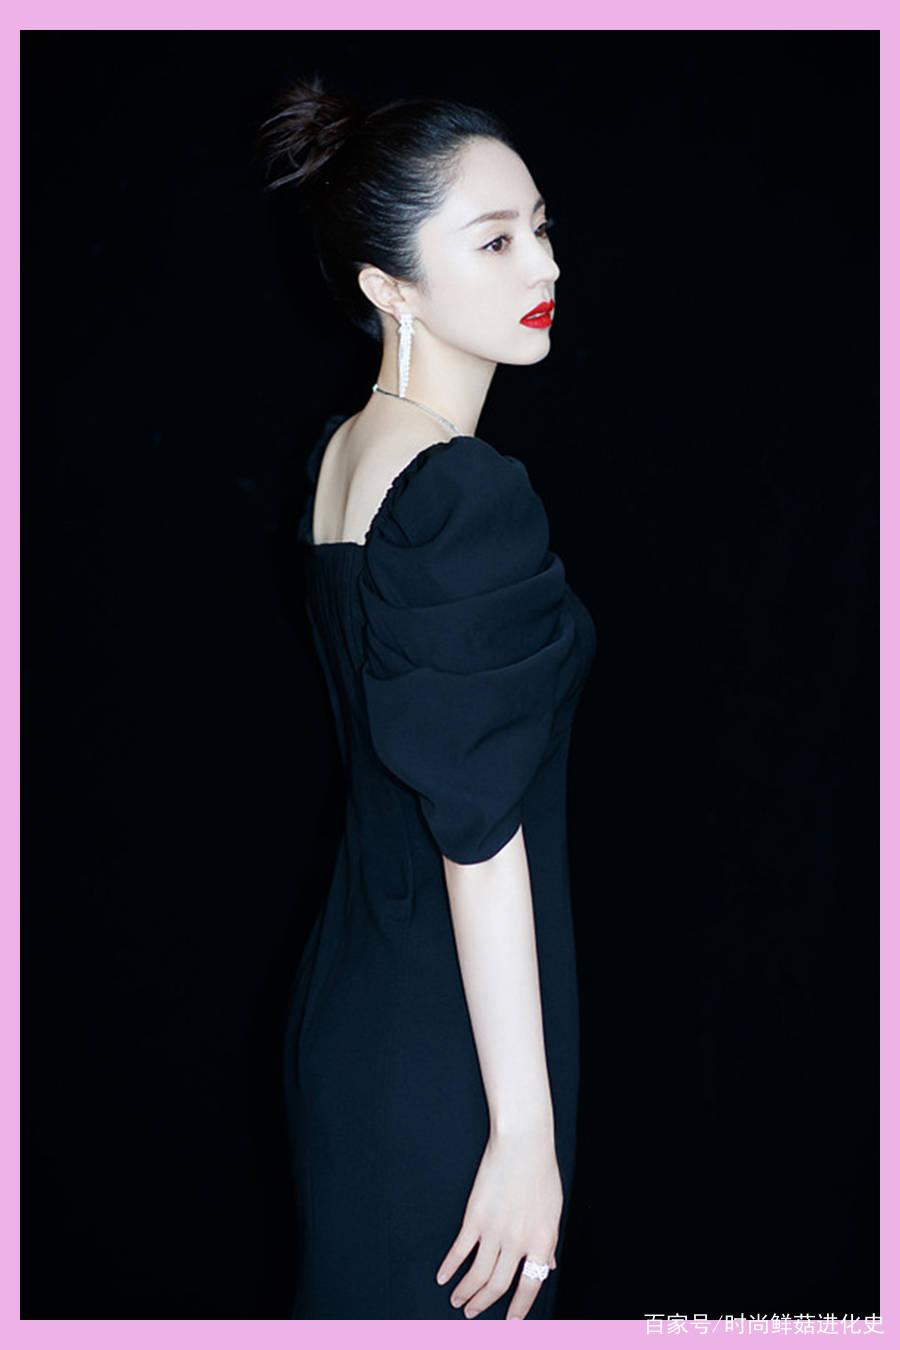 40岁董璇果然是浓妆脸,大红唇加长黑裙,气场全开挡不住